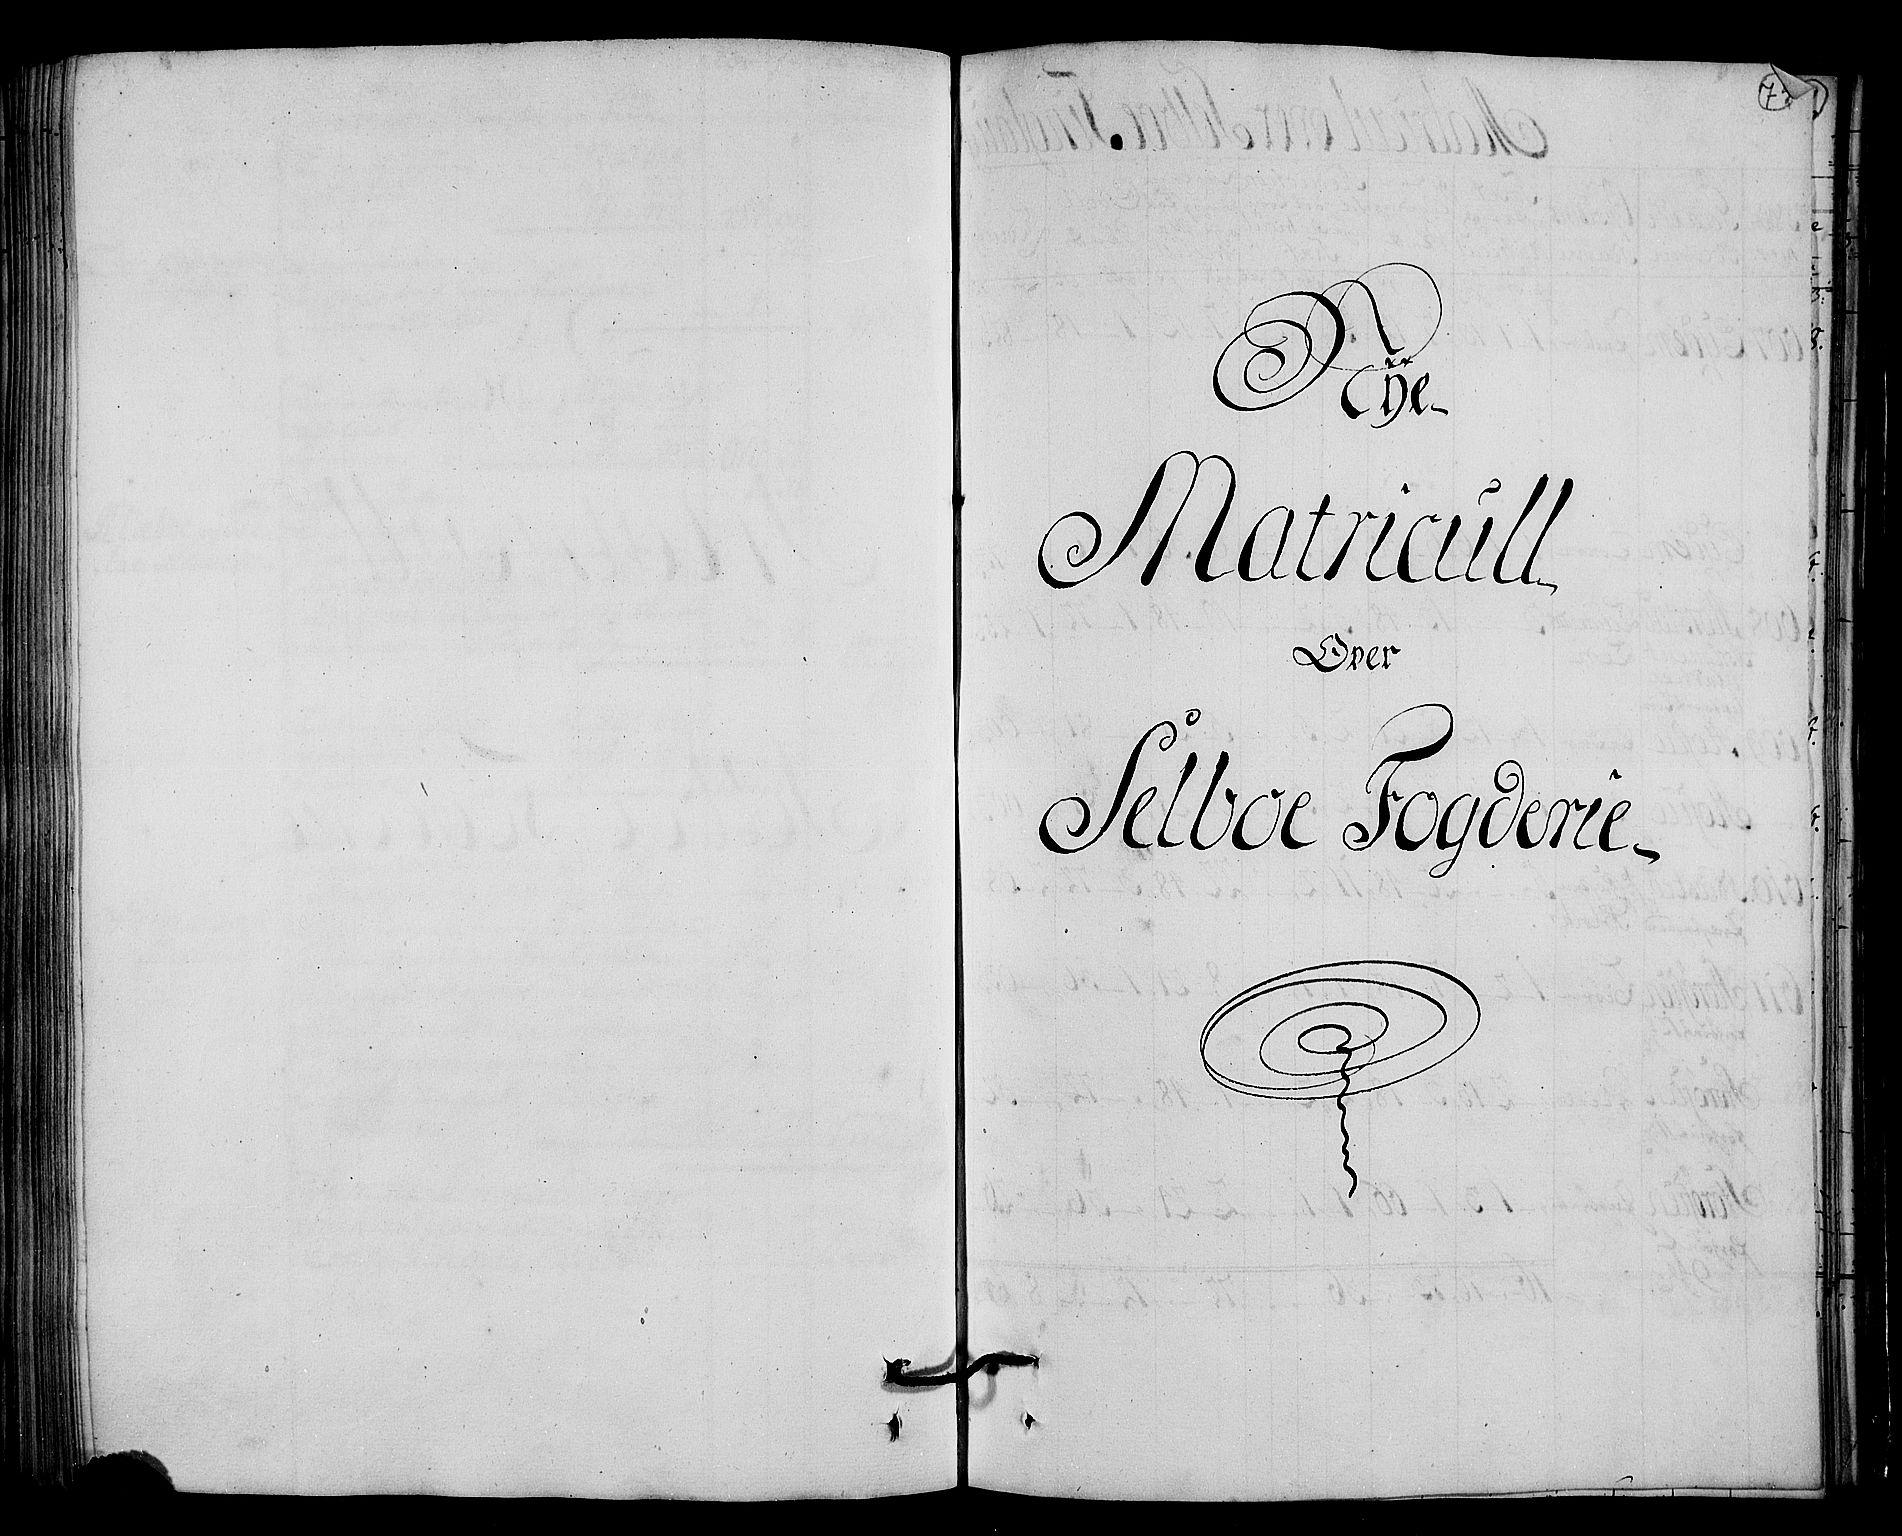 RA, Rentekammeret inntil 1814, Realistisk ordnet avdeling, N/Nb/Nbf/L0161: Strinda og Selbu matrikkelprotokoll, 1723, s. 74b-75a